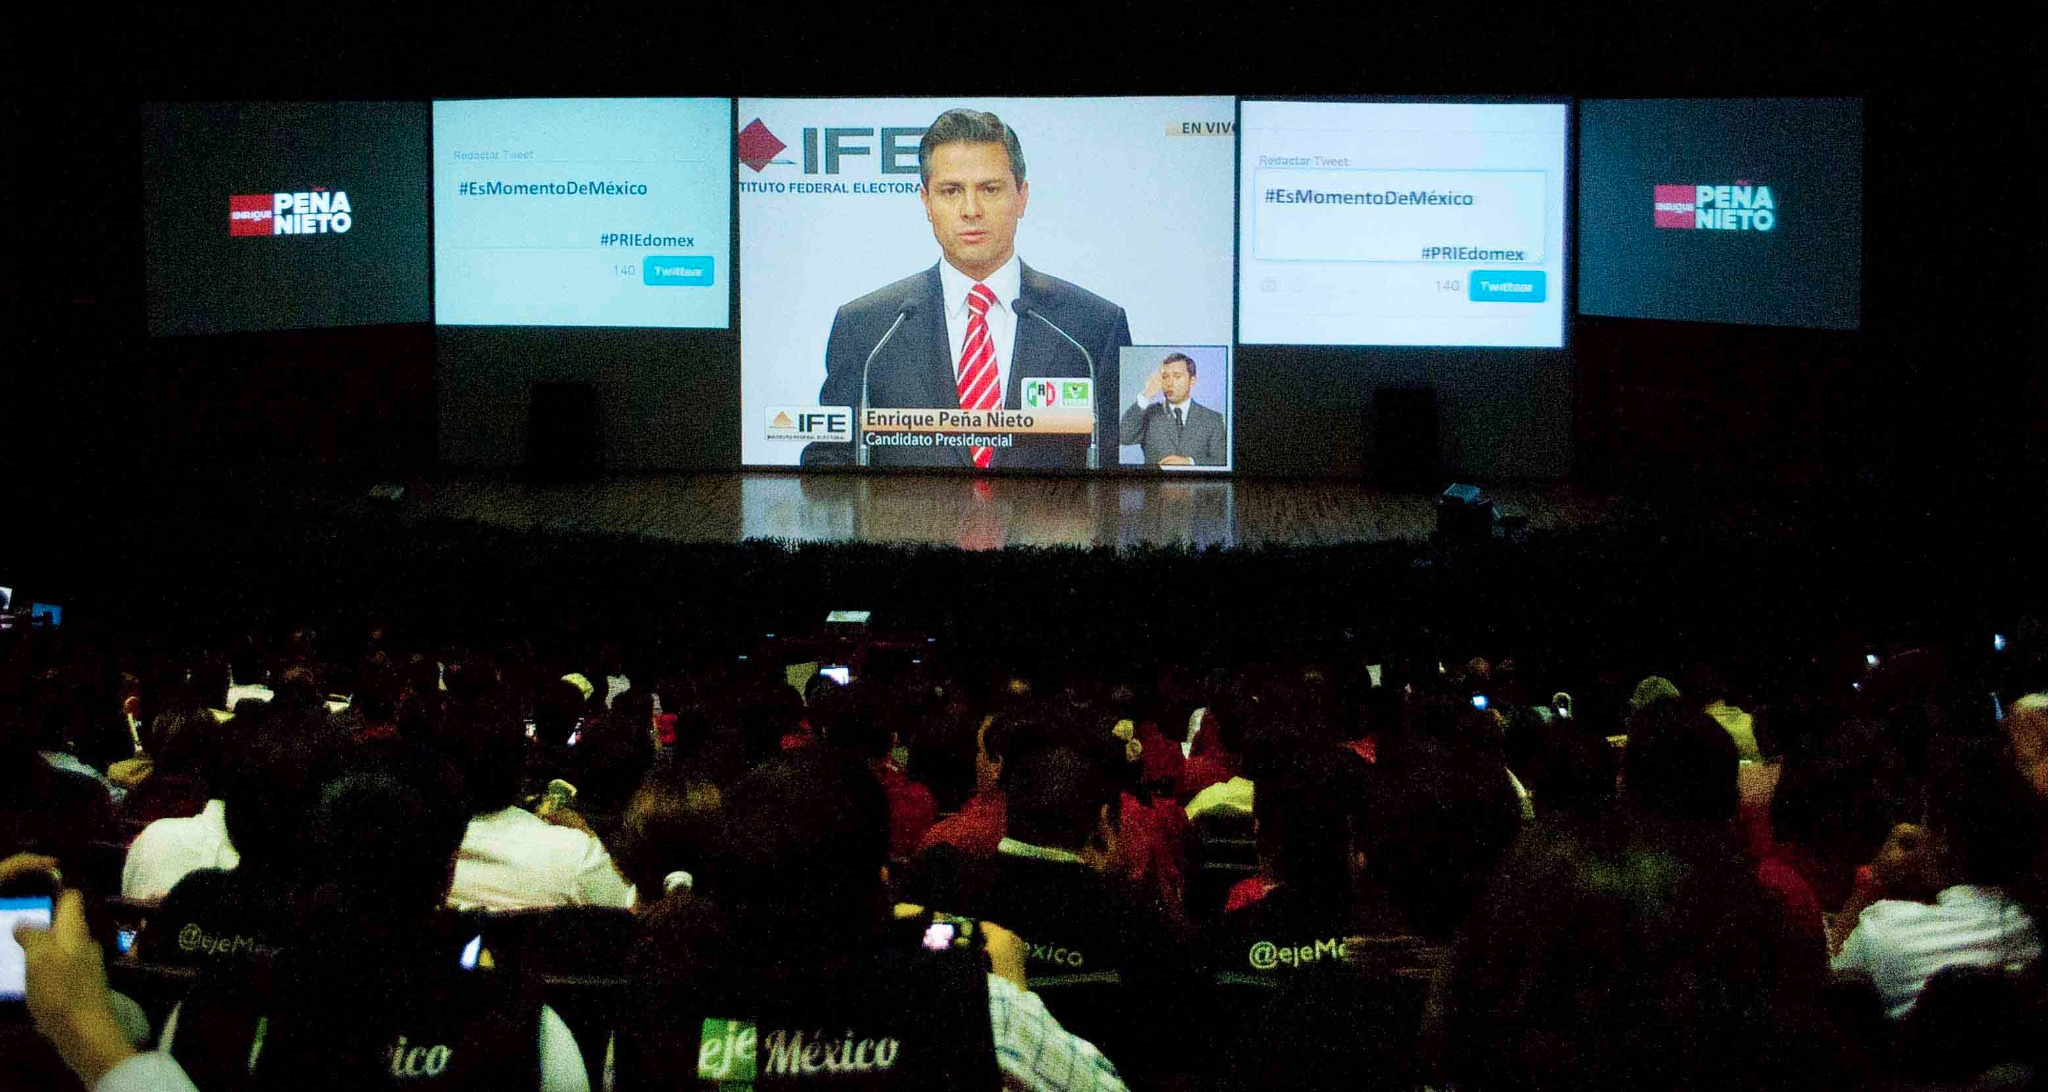 RT @PRI_EDOMEX: As■ se vivi el debate en el CDE del PRI Estado de M←xico. #YoViAEPNPresidente http://t.co/gVvR3N97